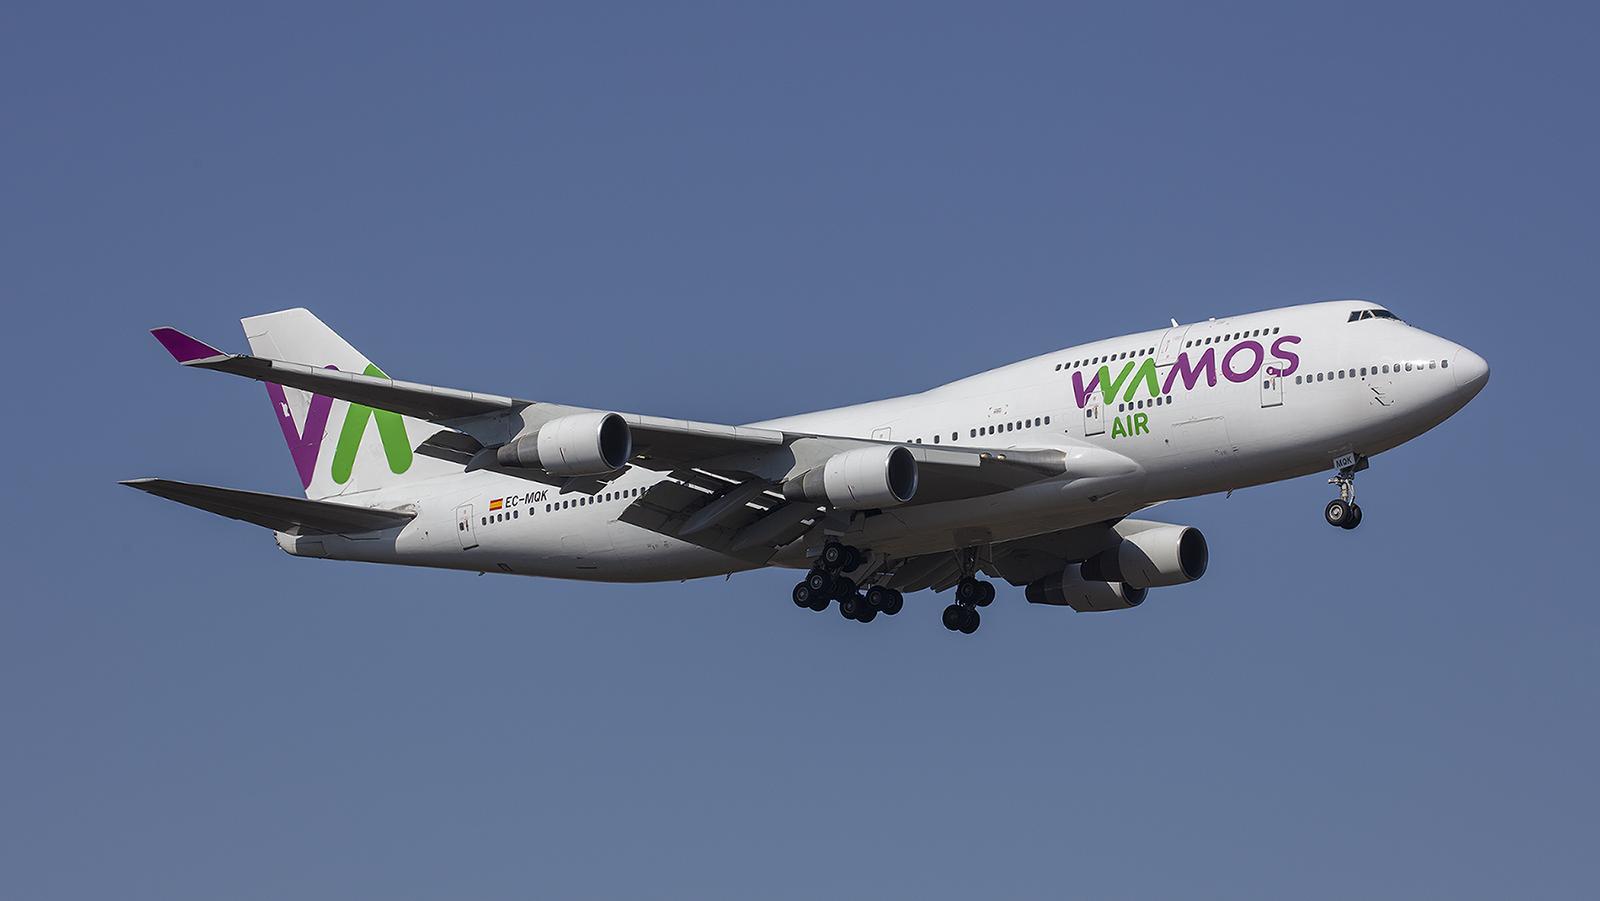 Ebenso wie diese Boeing 747 der spanischen Wamos Air.